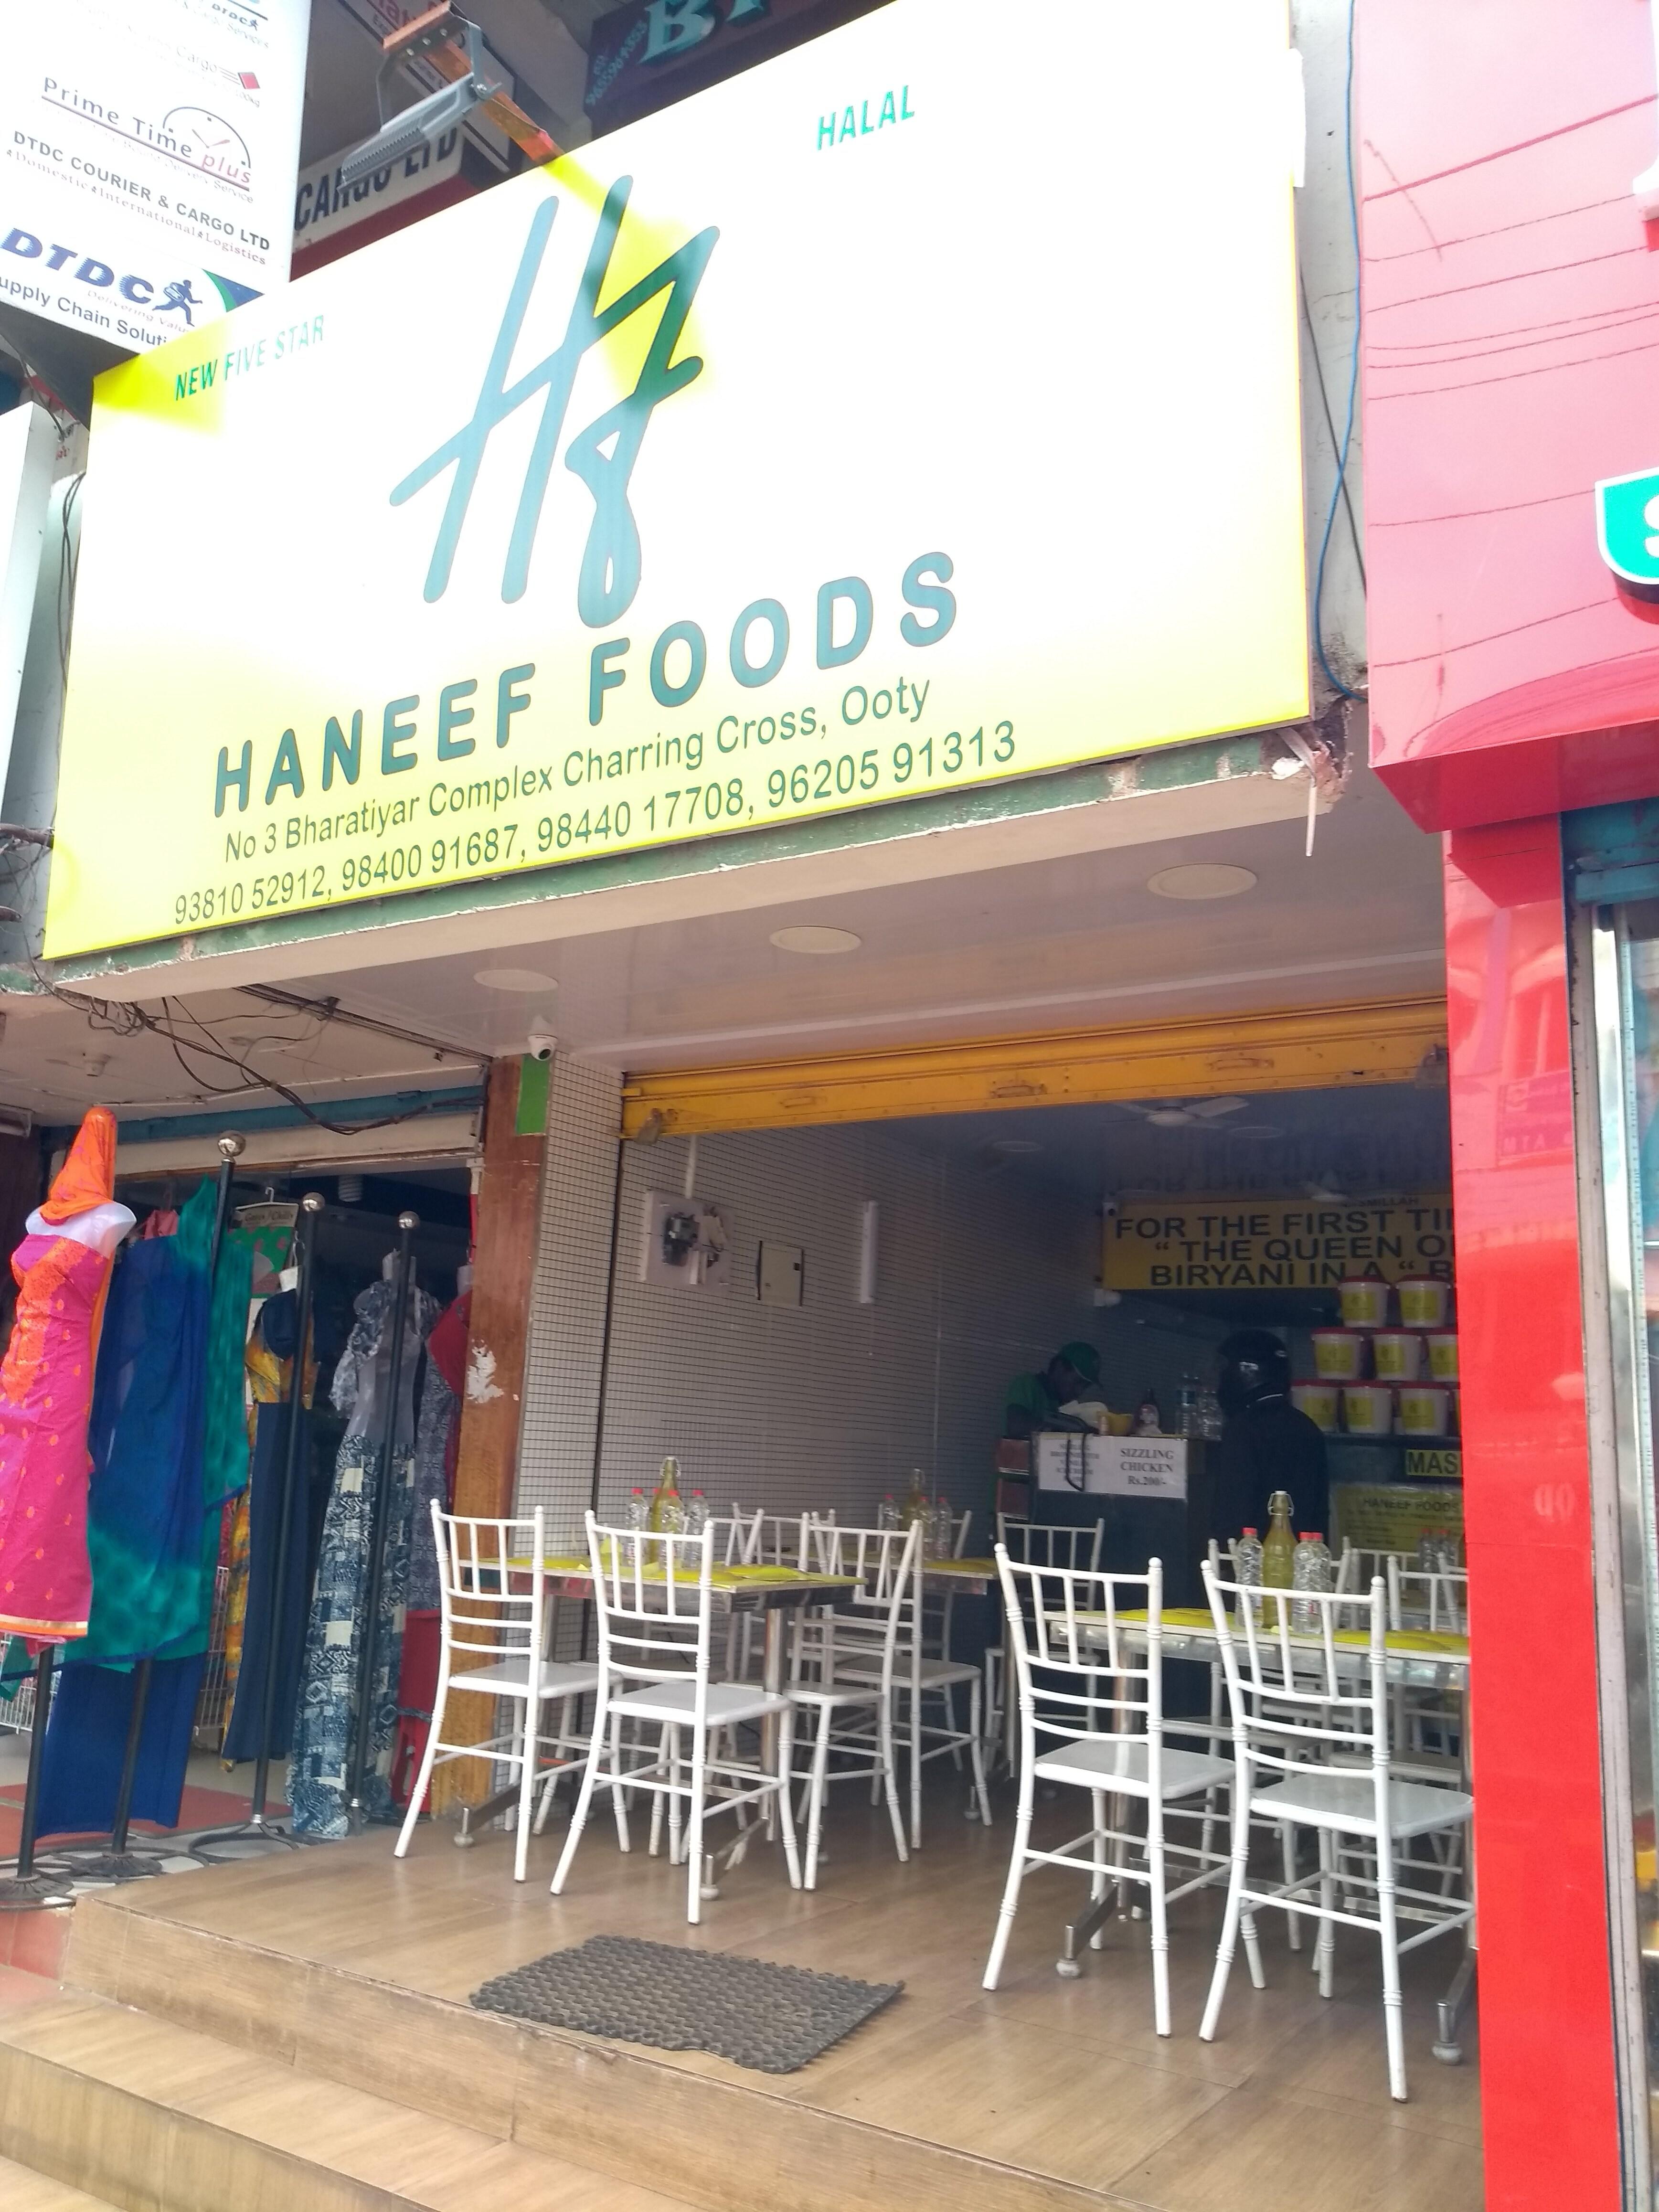 Haneef Foods - Elk Hill - Ooty Image